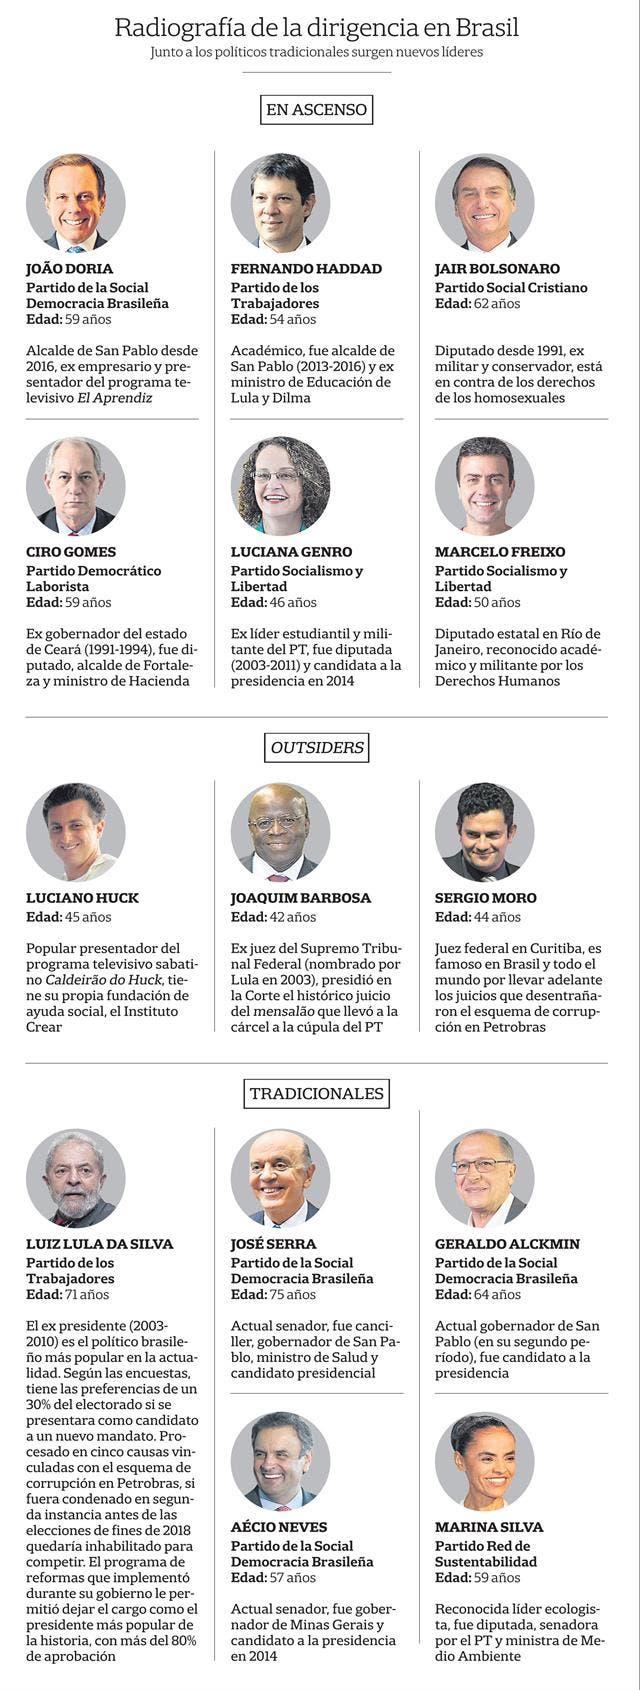 Escenario político en Brasil